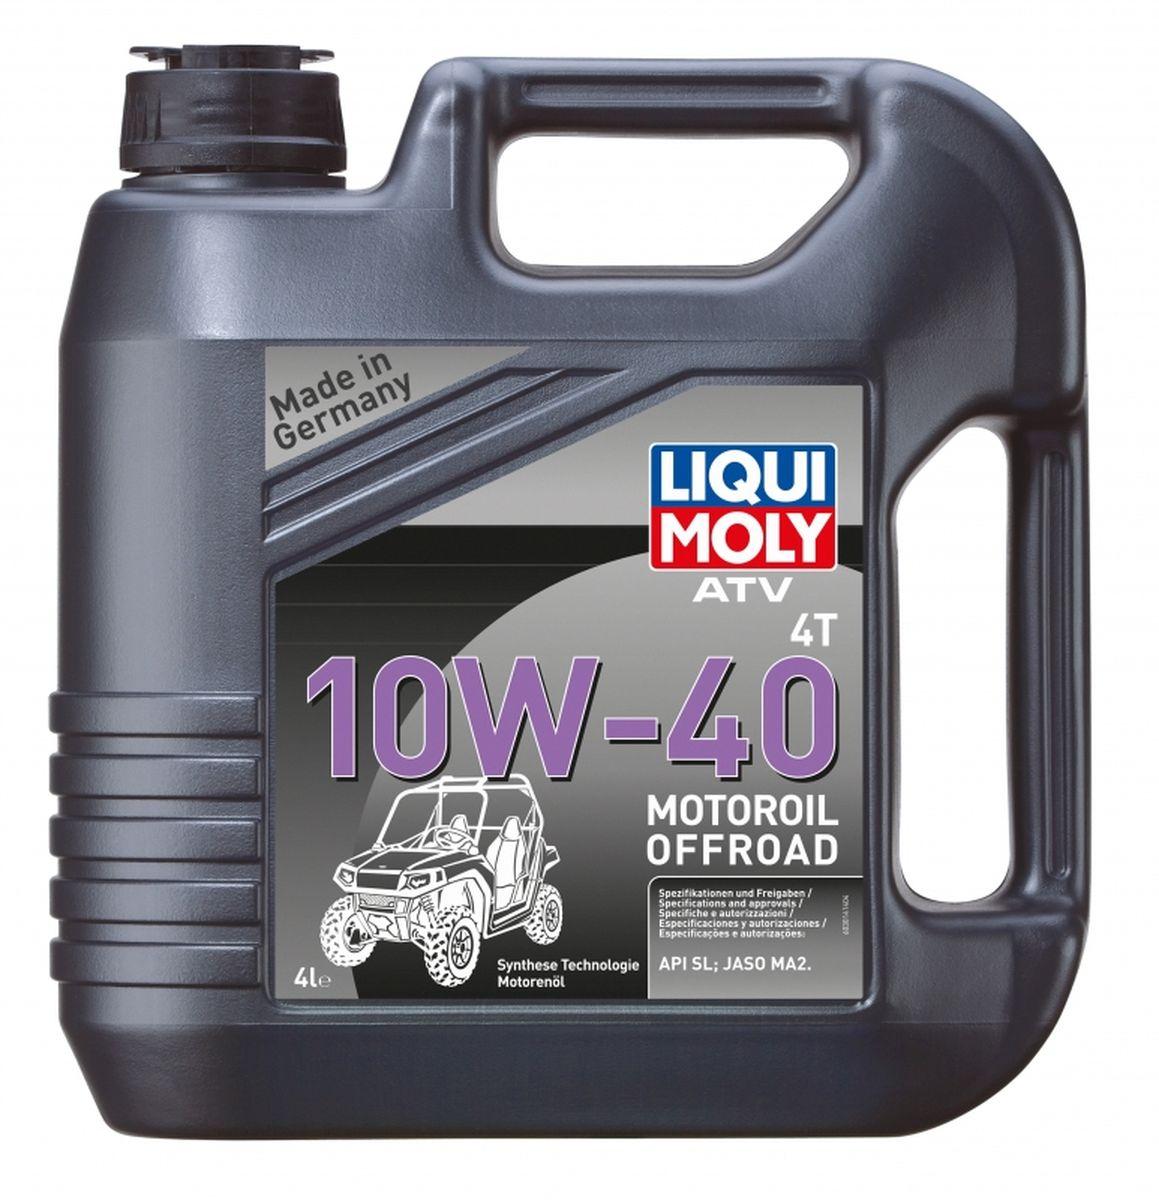 """Масло моторное Liqui Moly """"ATV 4T Motoroil Offroad"""", НС-синтетическое, 10W-40, 4 л"""